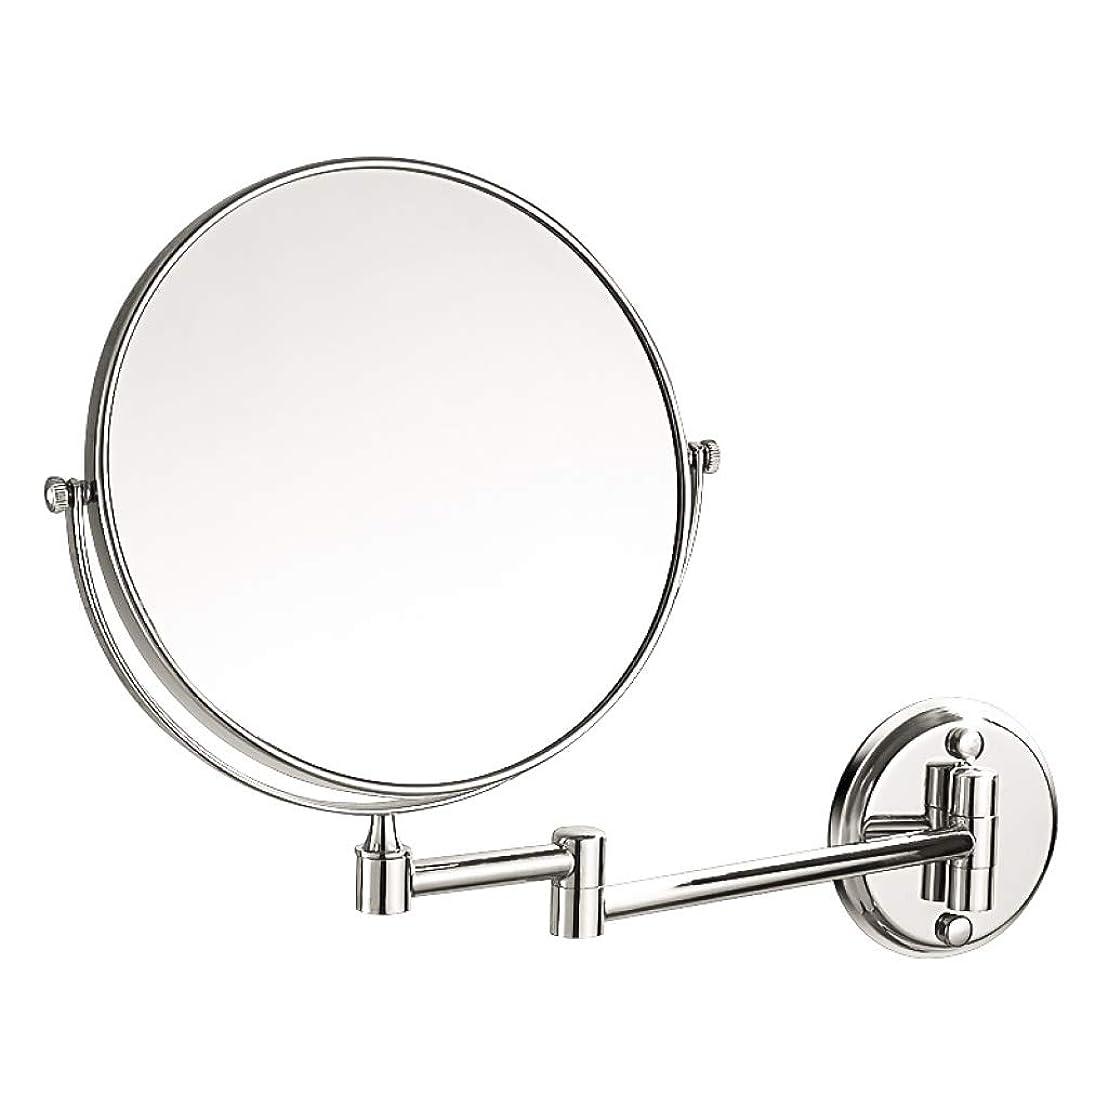 空虚神秘的な遺体安置所ALYR 壁掛け式 化粧鏡、両面 バニティミラー 3 ズームイン スケーラブル シェービングミラー浴室シャワー旅行,Silver_6inch